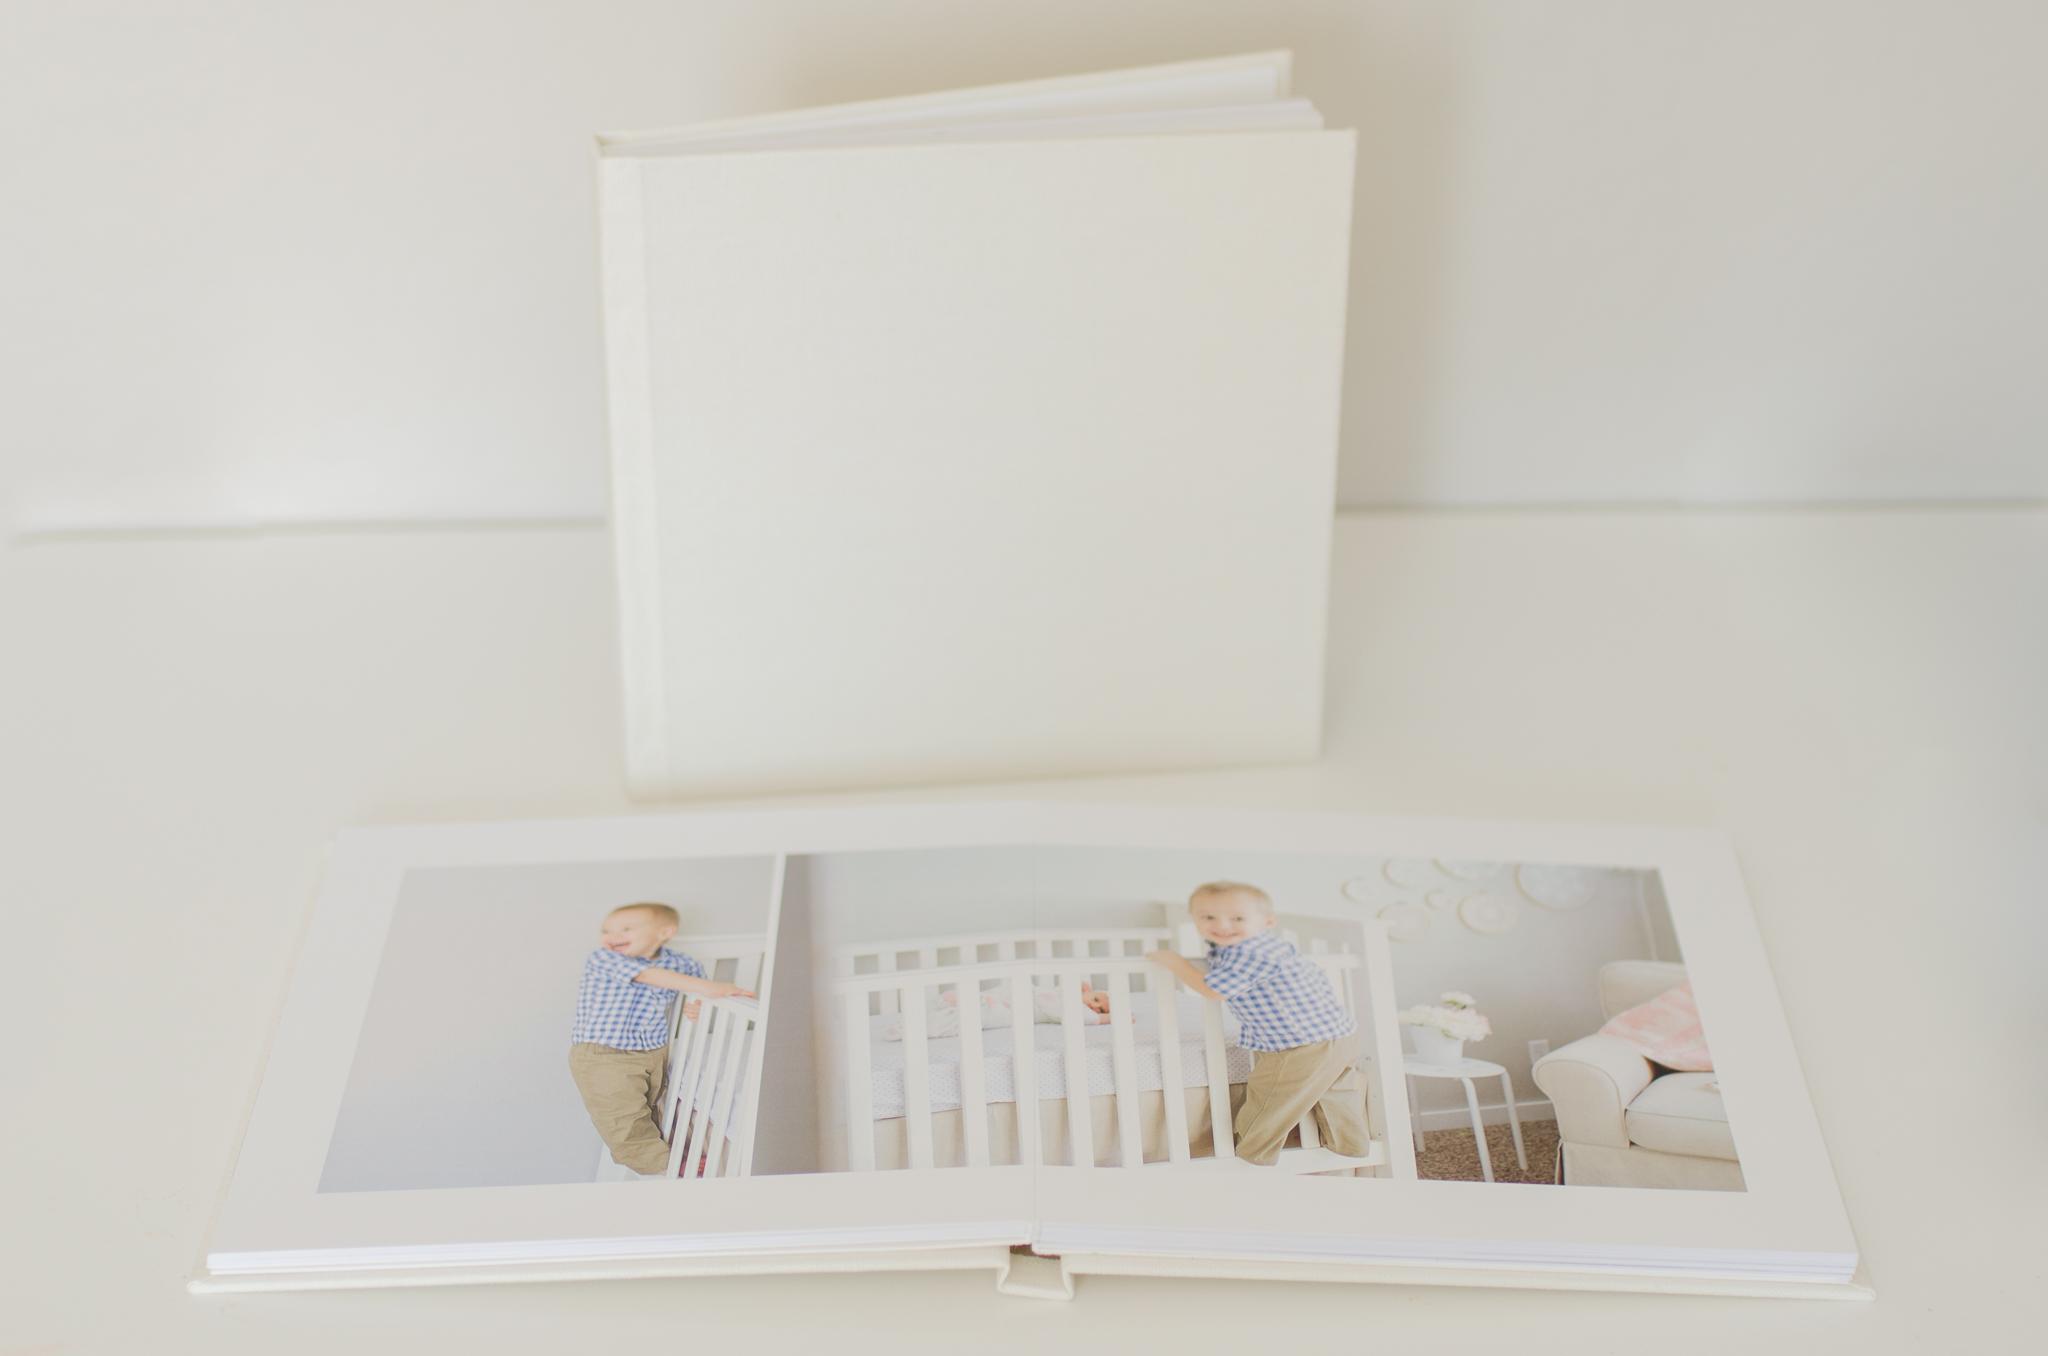 Heirloom Linen 10x10 Album